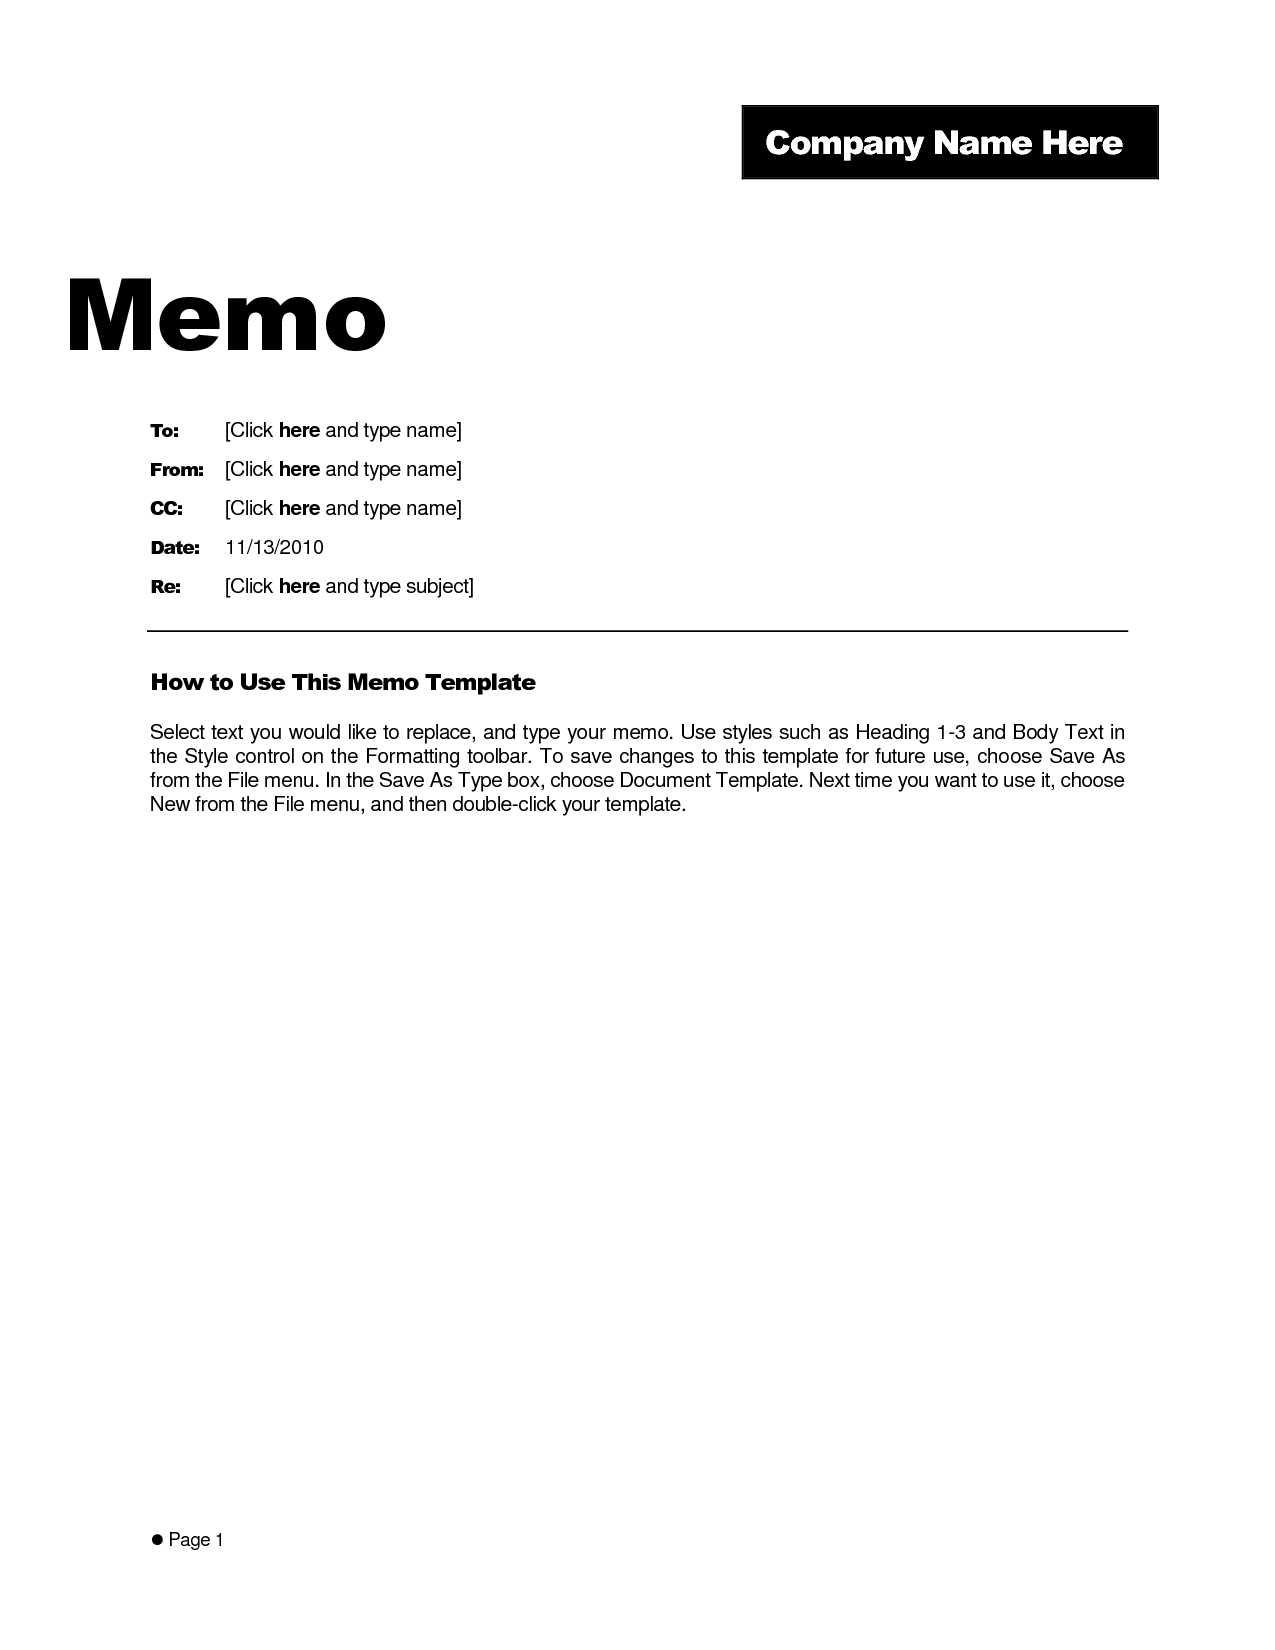 Memo Template Word 2010 - Cumed Inside Memo Template Word 2010